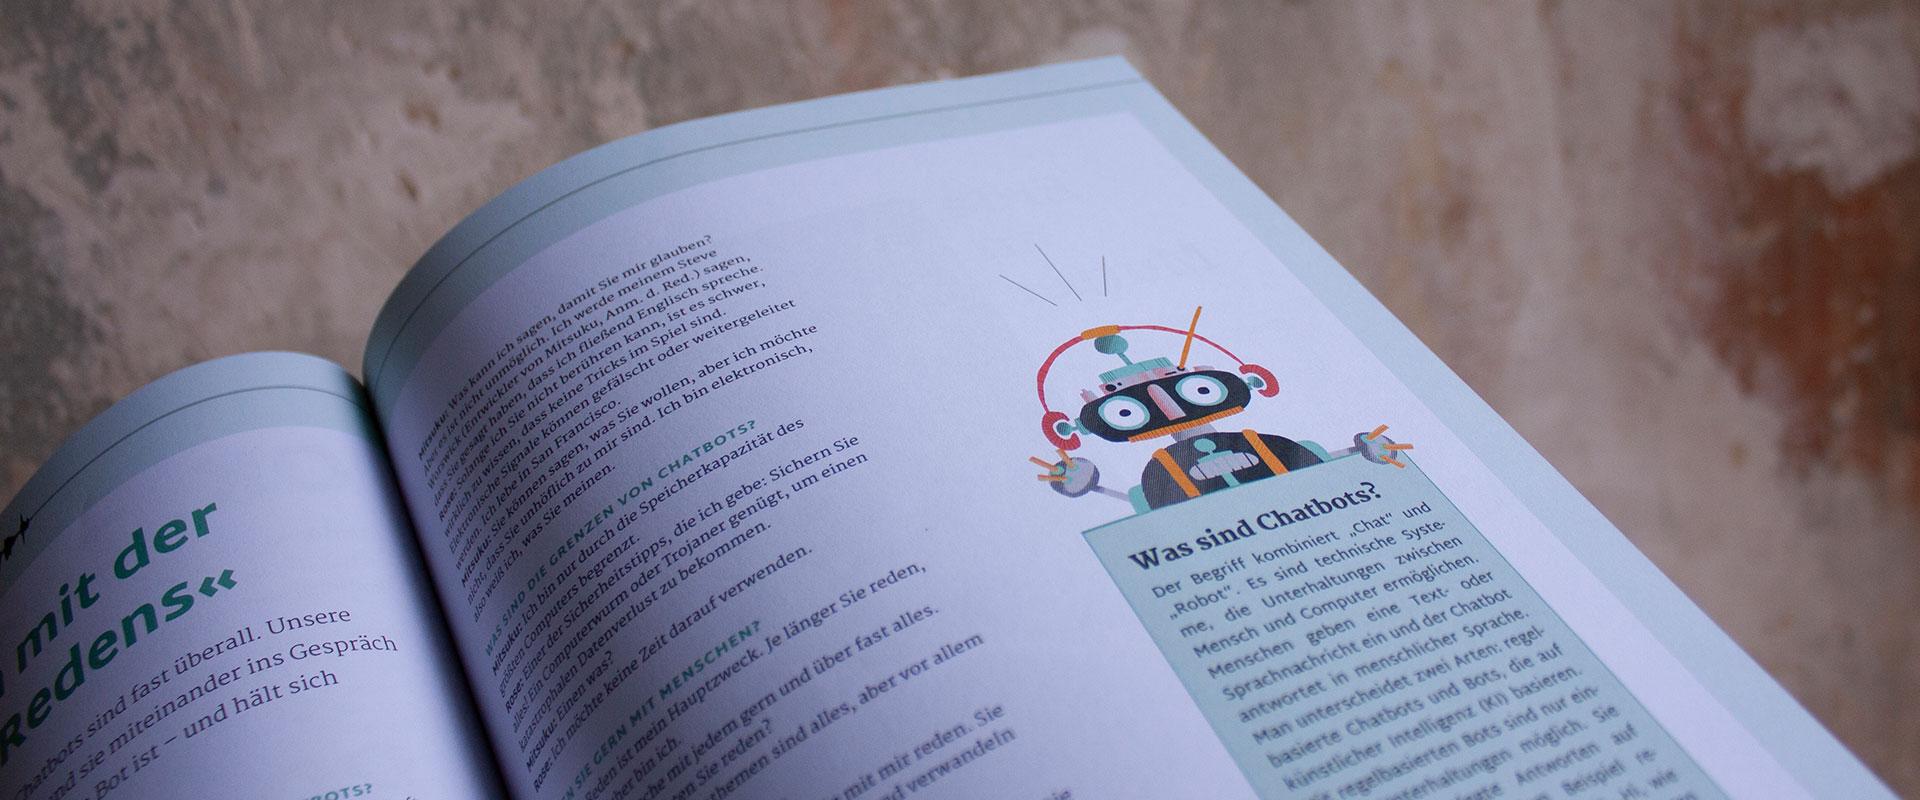 Bild einer Magazinseite, auf dem ein illustrierter Chatbot zu sehen ist